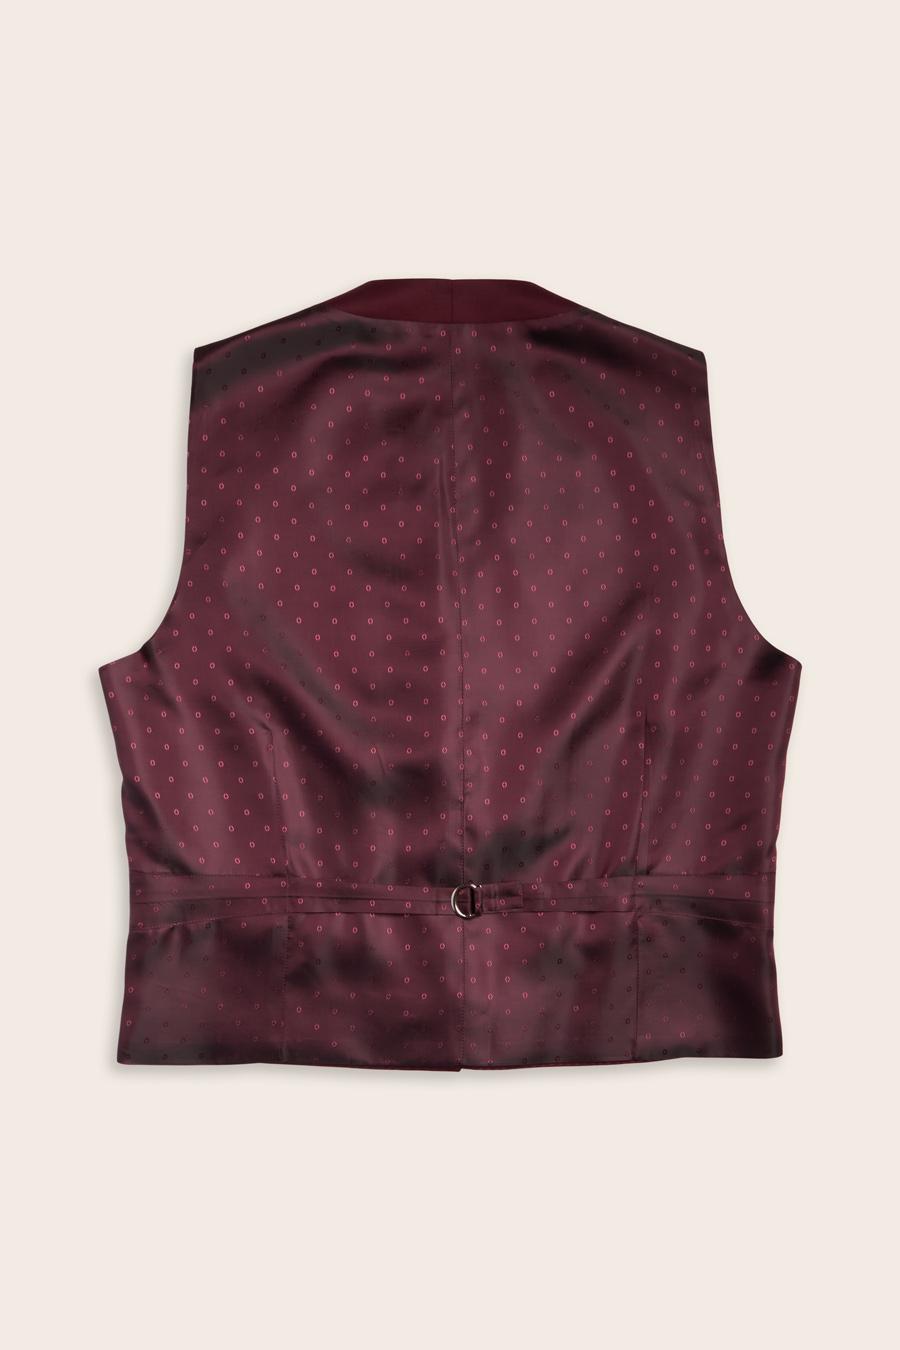 Burgundy Wool Herre Vest 2